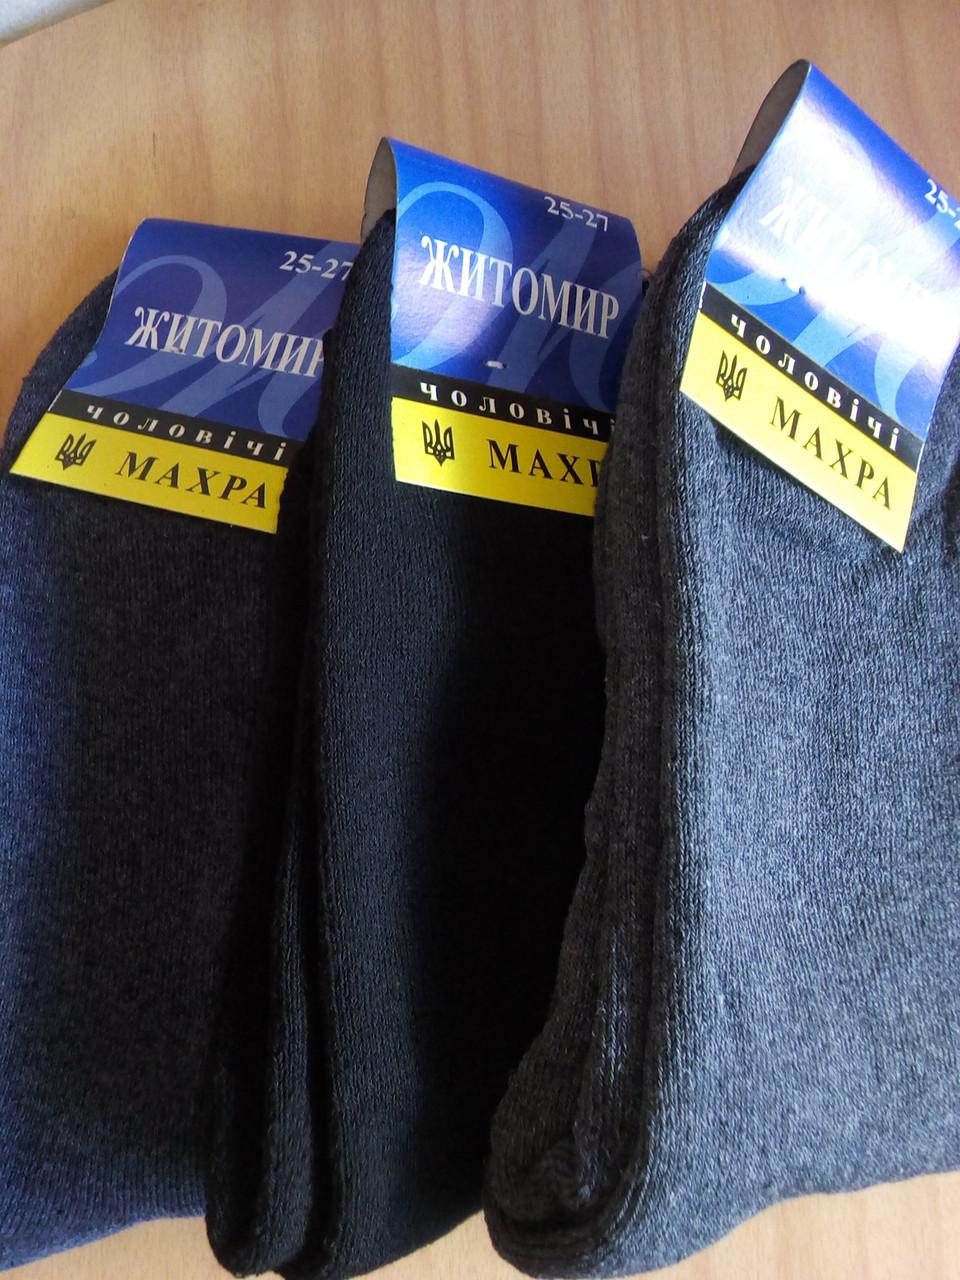 Носки мужские махровые высокие Житомир размер  27-29